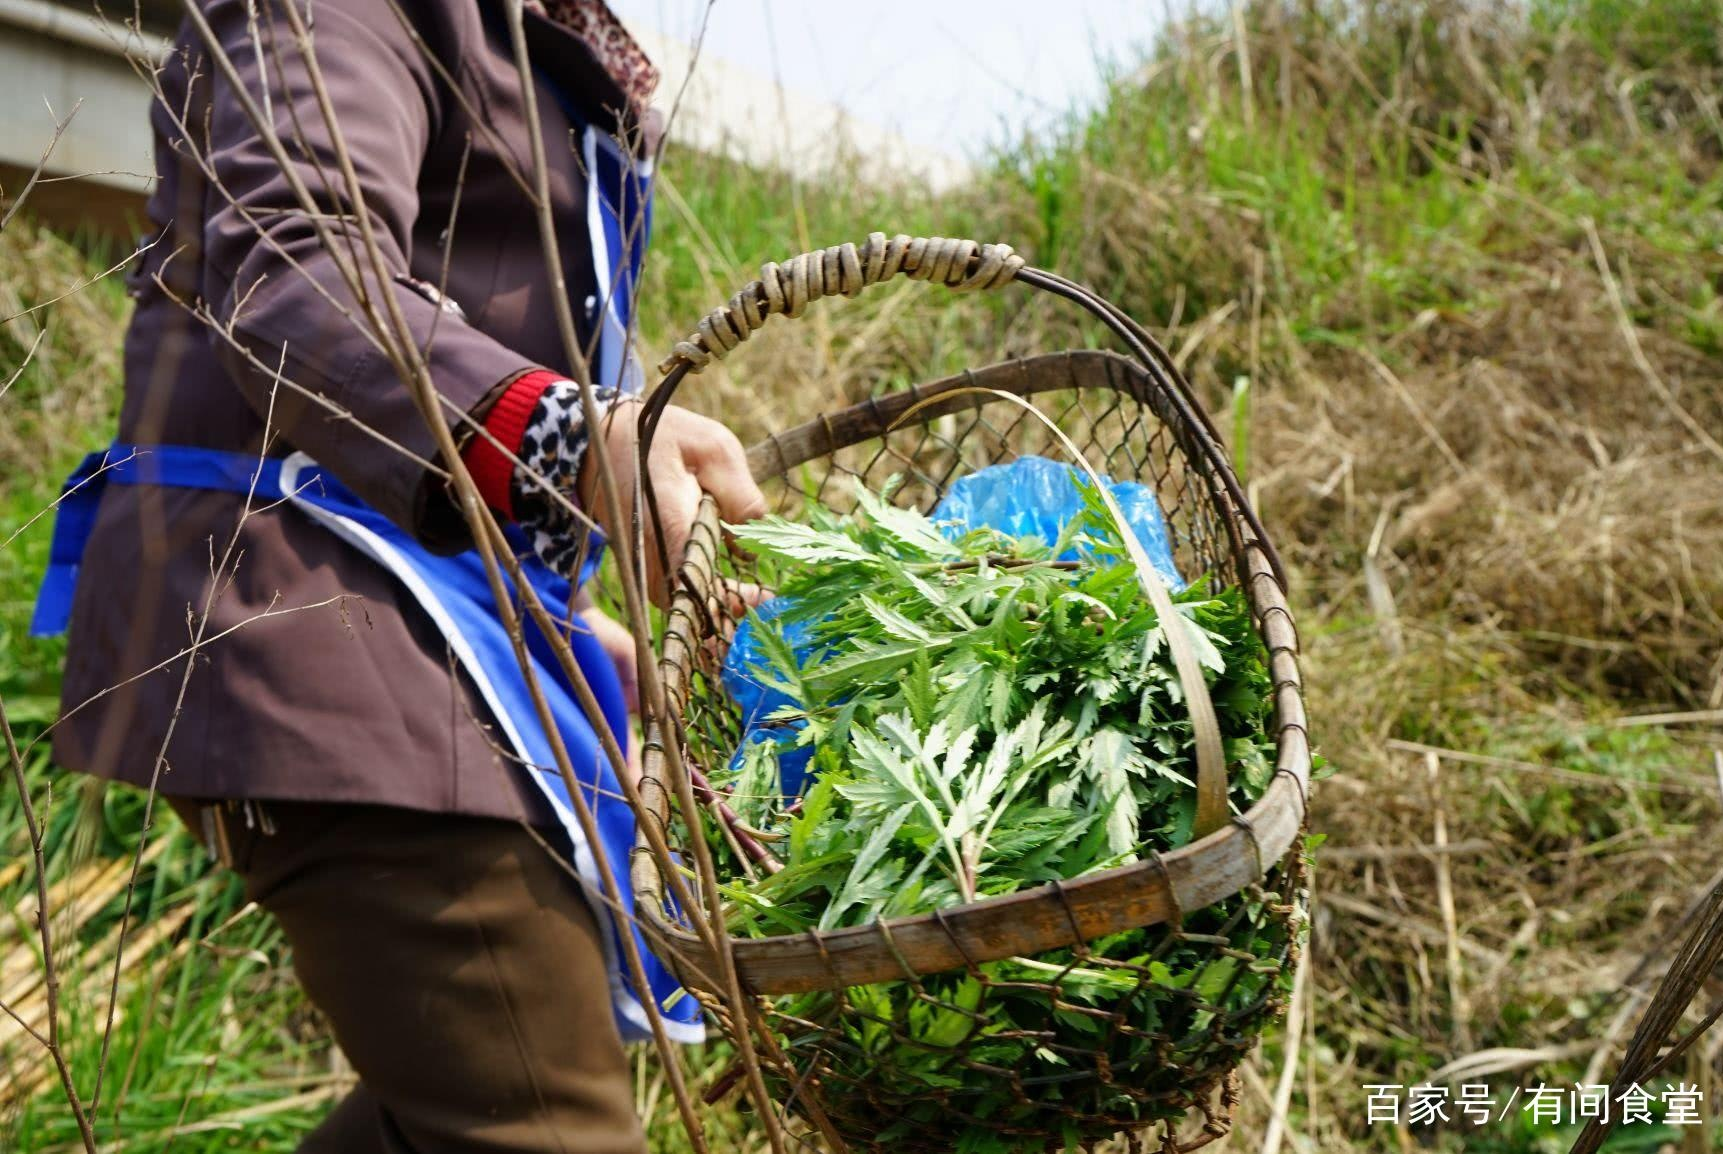 三月河边野菜疯长,村民狂捡!捡一斤卖几十块,炒出来就是名菜